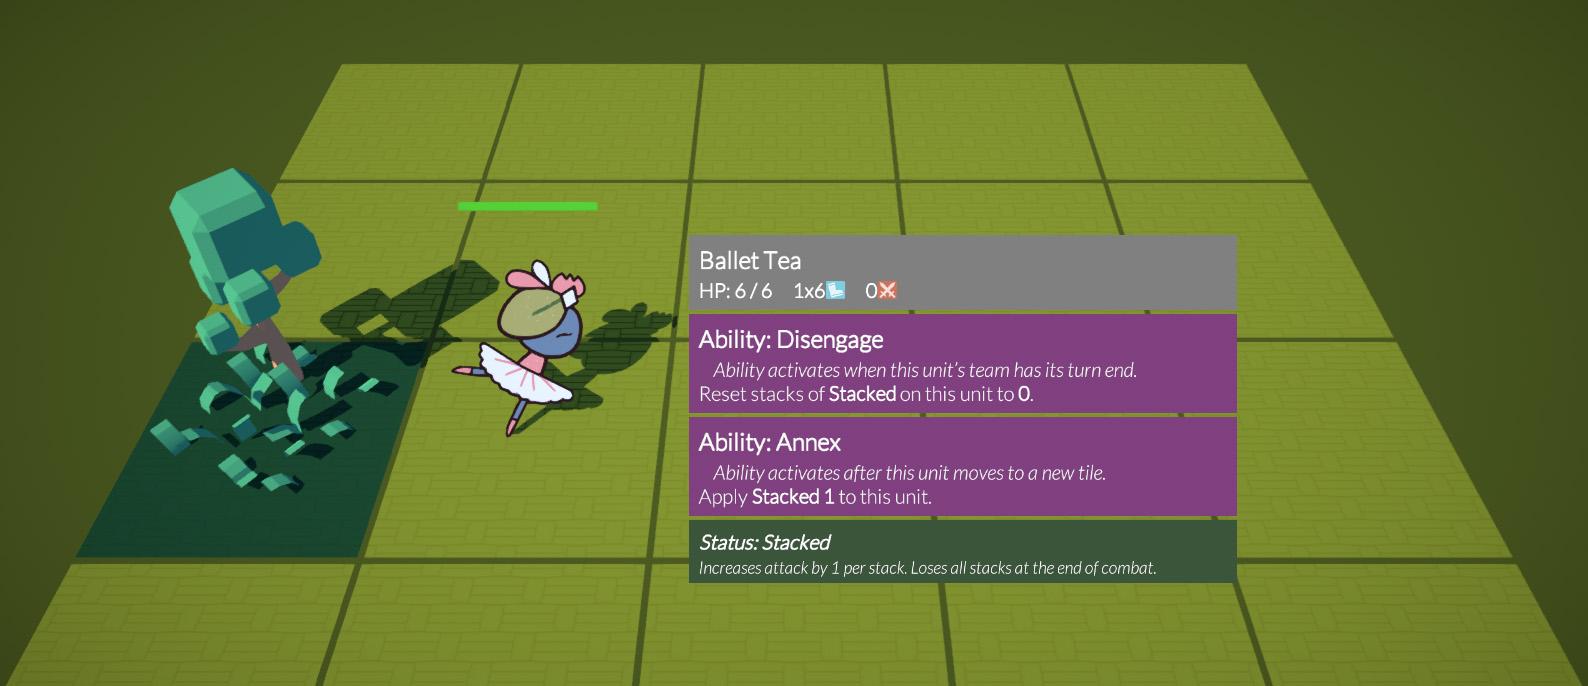 Ballet Tea's tooltips